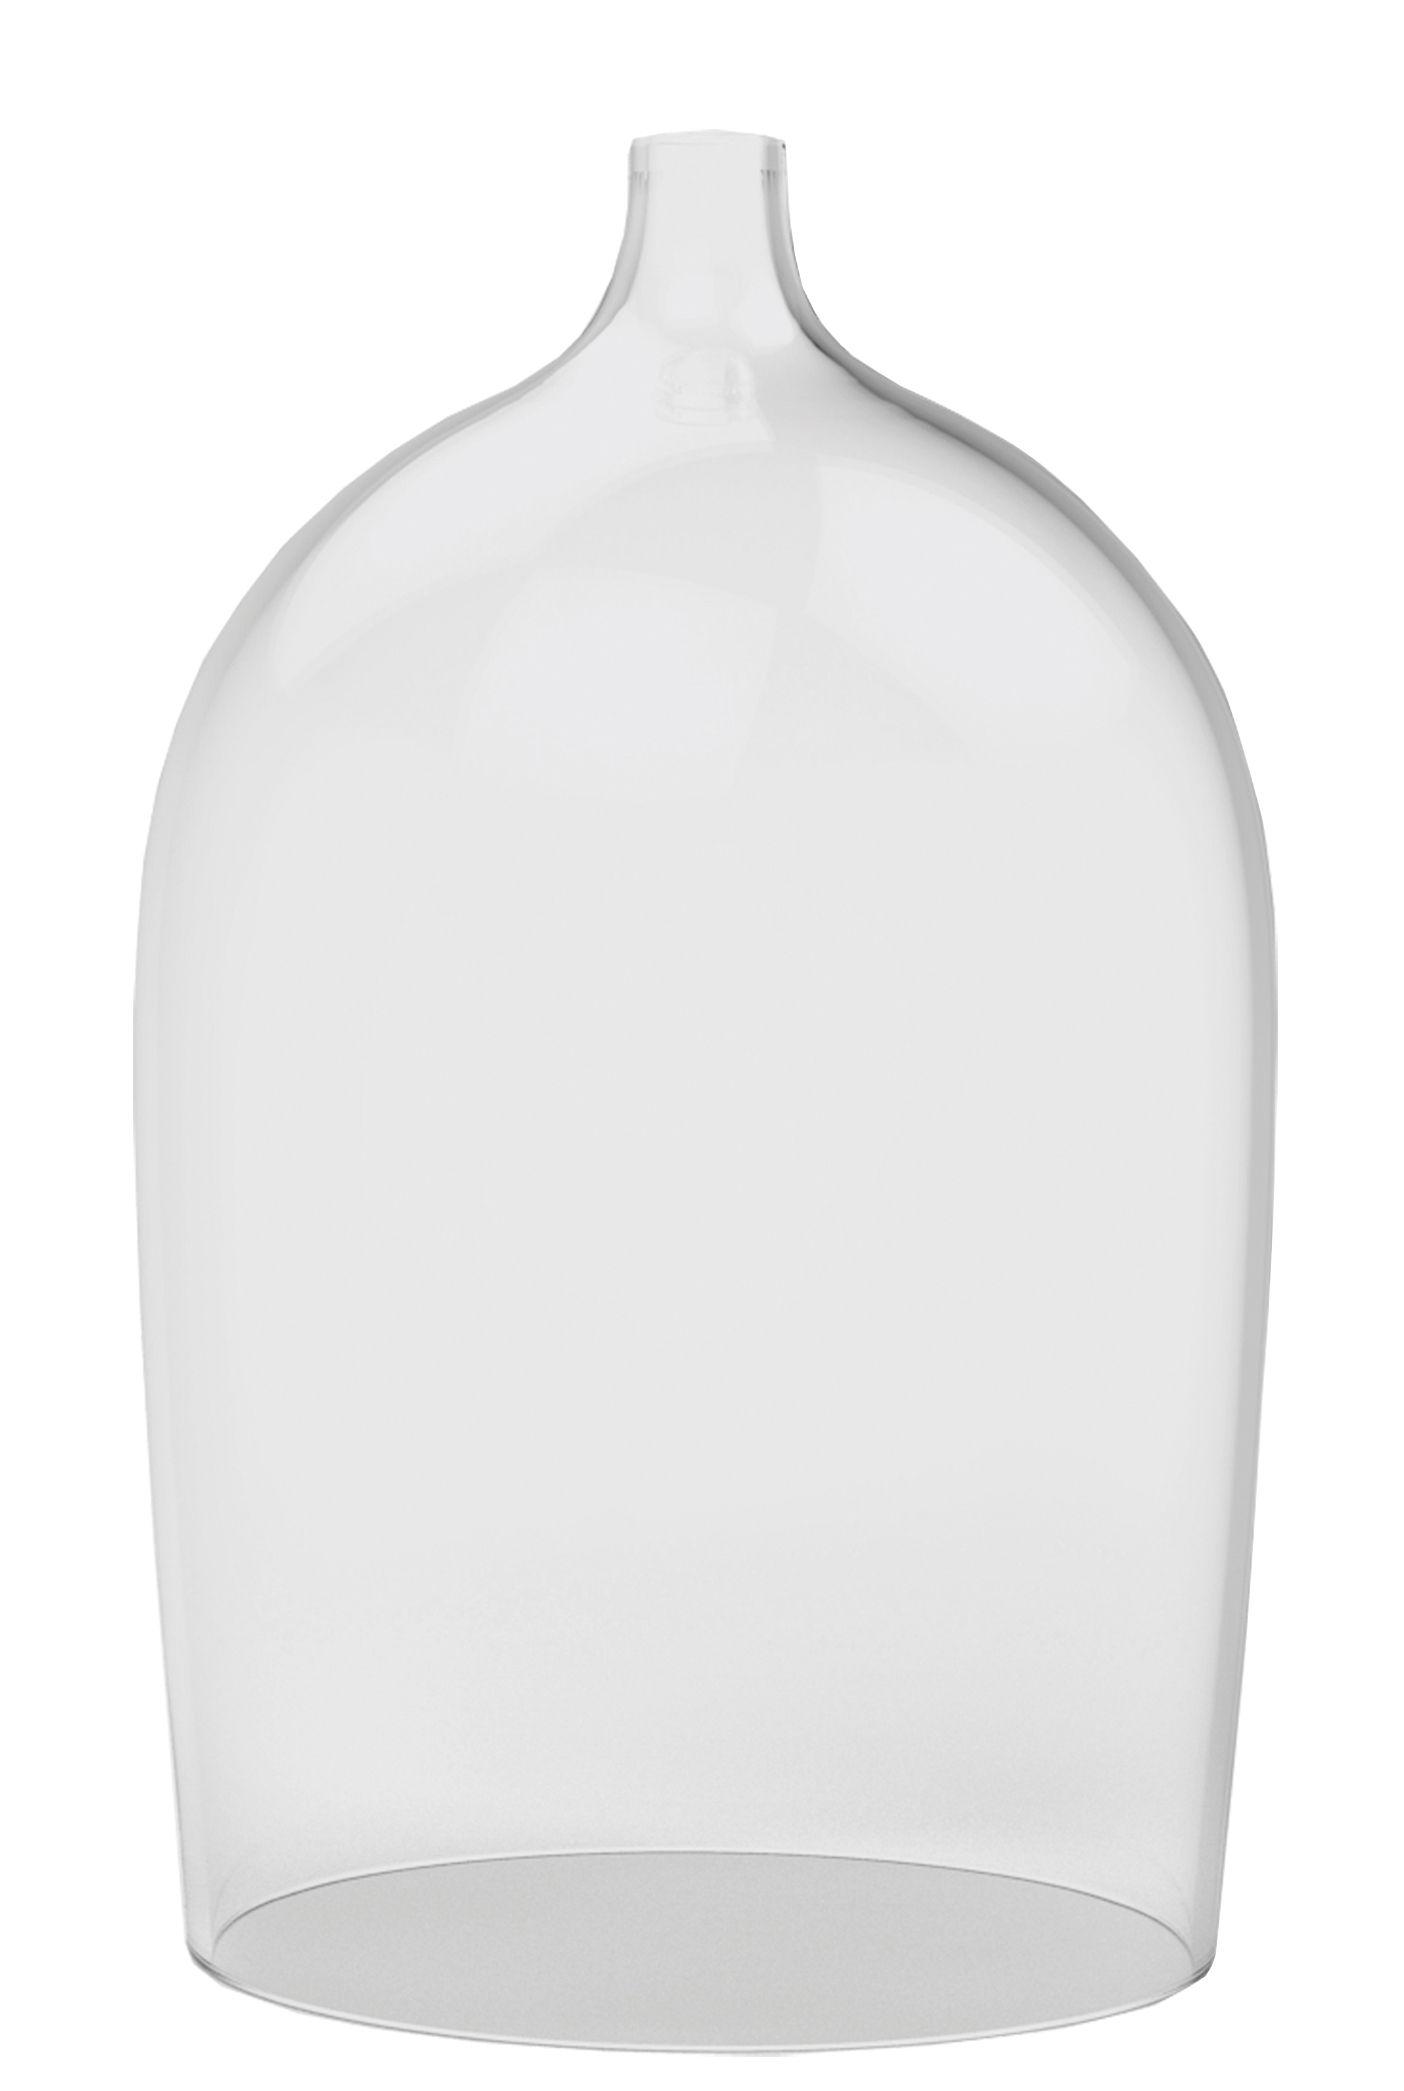 Déco - Vases - Vitrine  Nippy / Soliflore - H 24 cm - Piergil Fourquié - Designerbox - Transparent - Verre soufflé